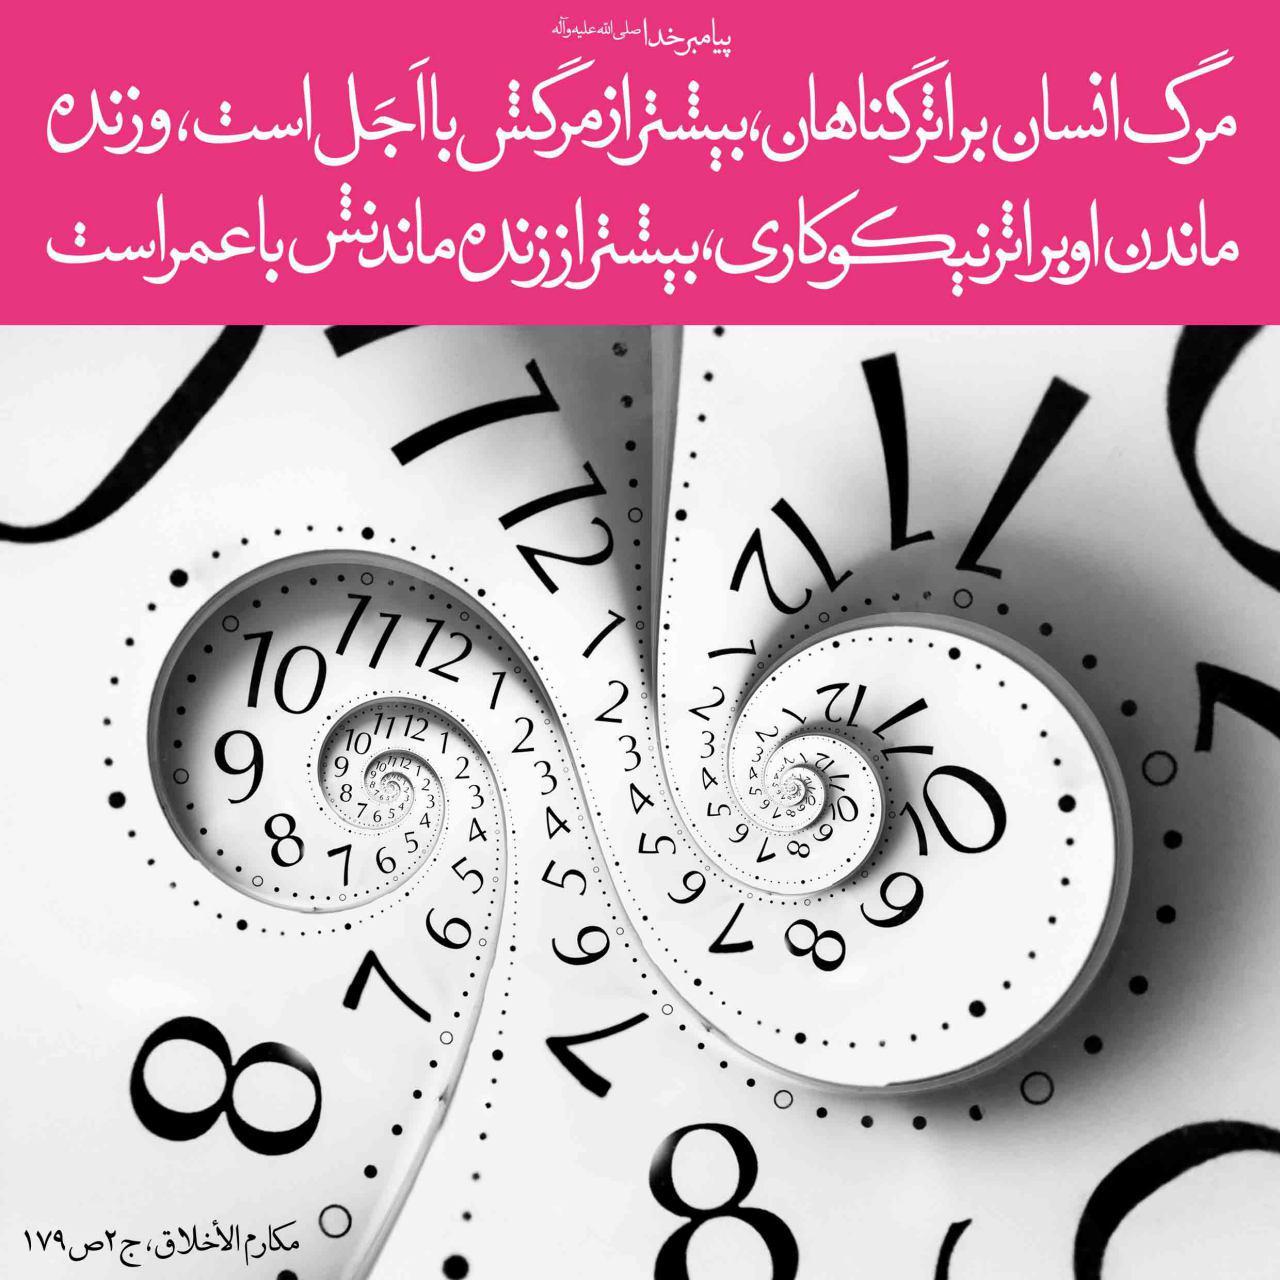 در باره ی حضرت امام حسین (سلام الله علیه): ظهر محرّم (شعر)